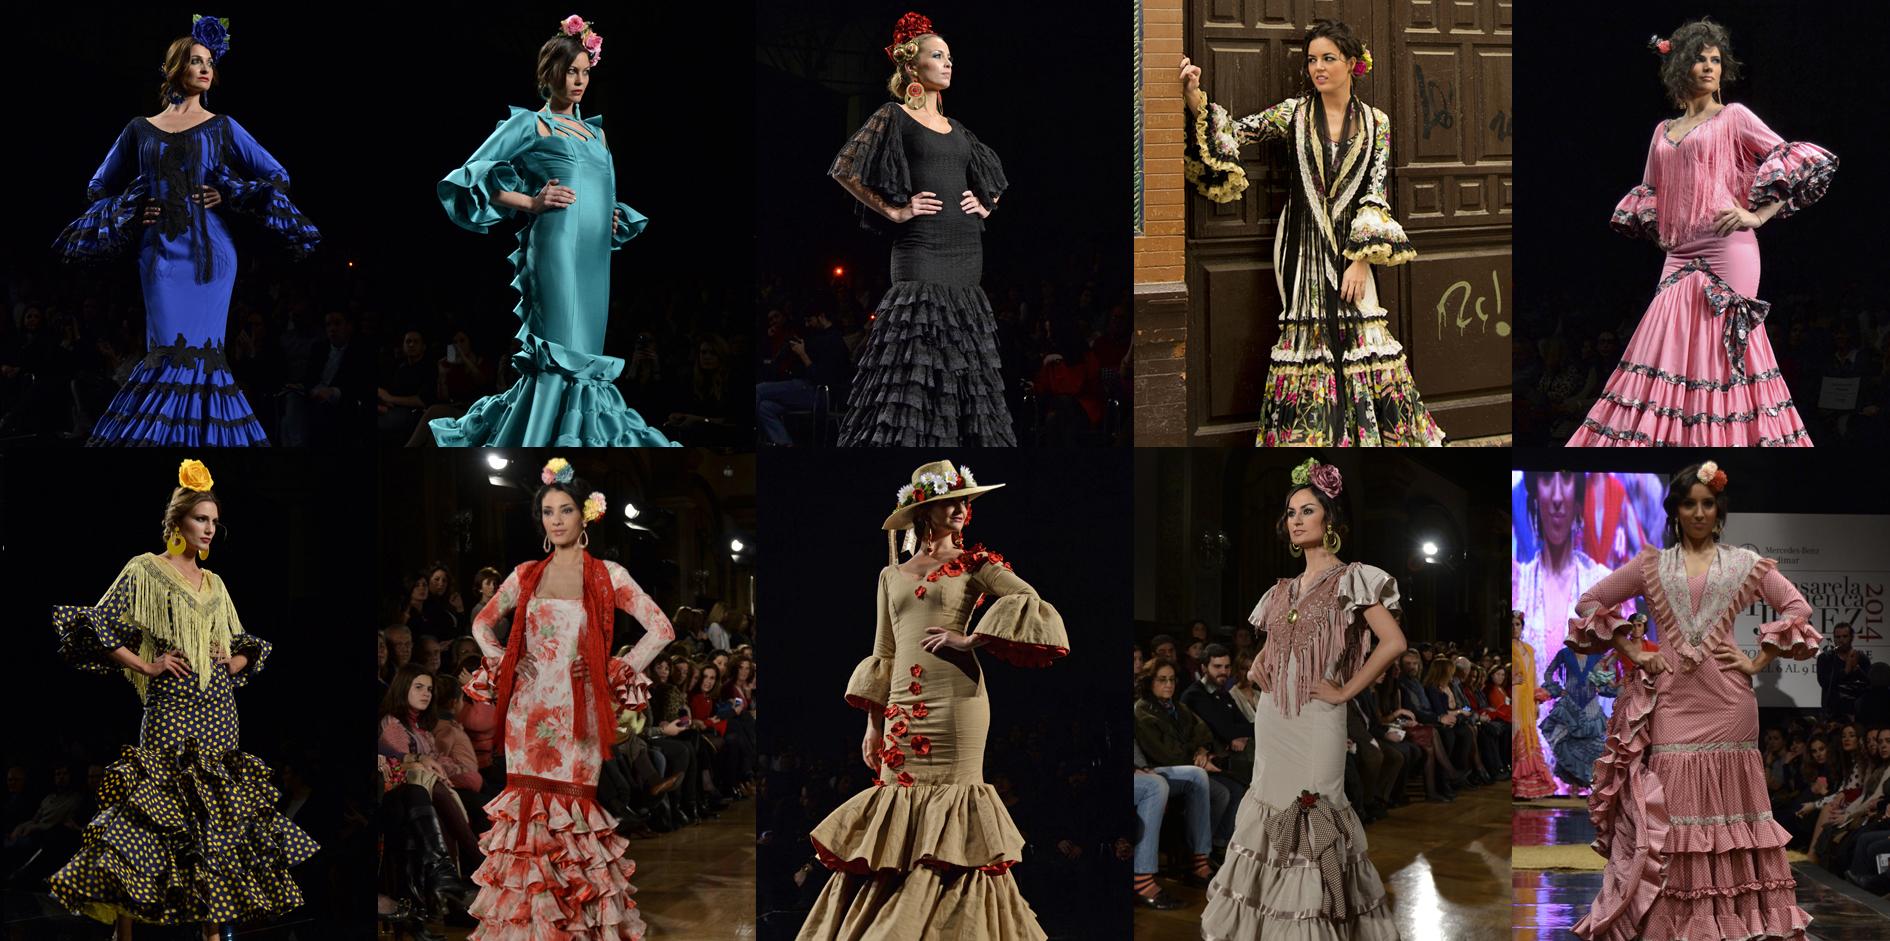 10 trajes de flamenca para regalar en Navidad 2014